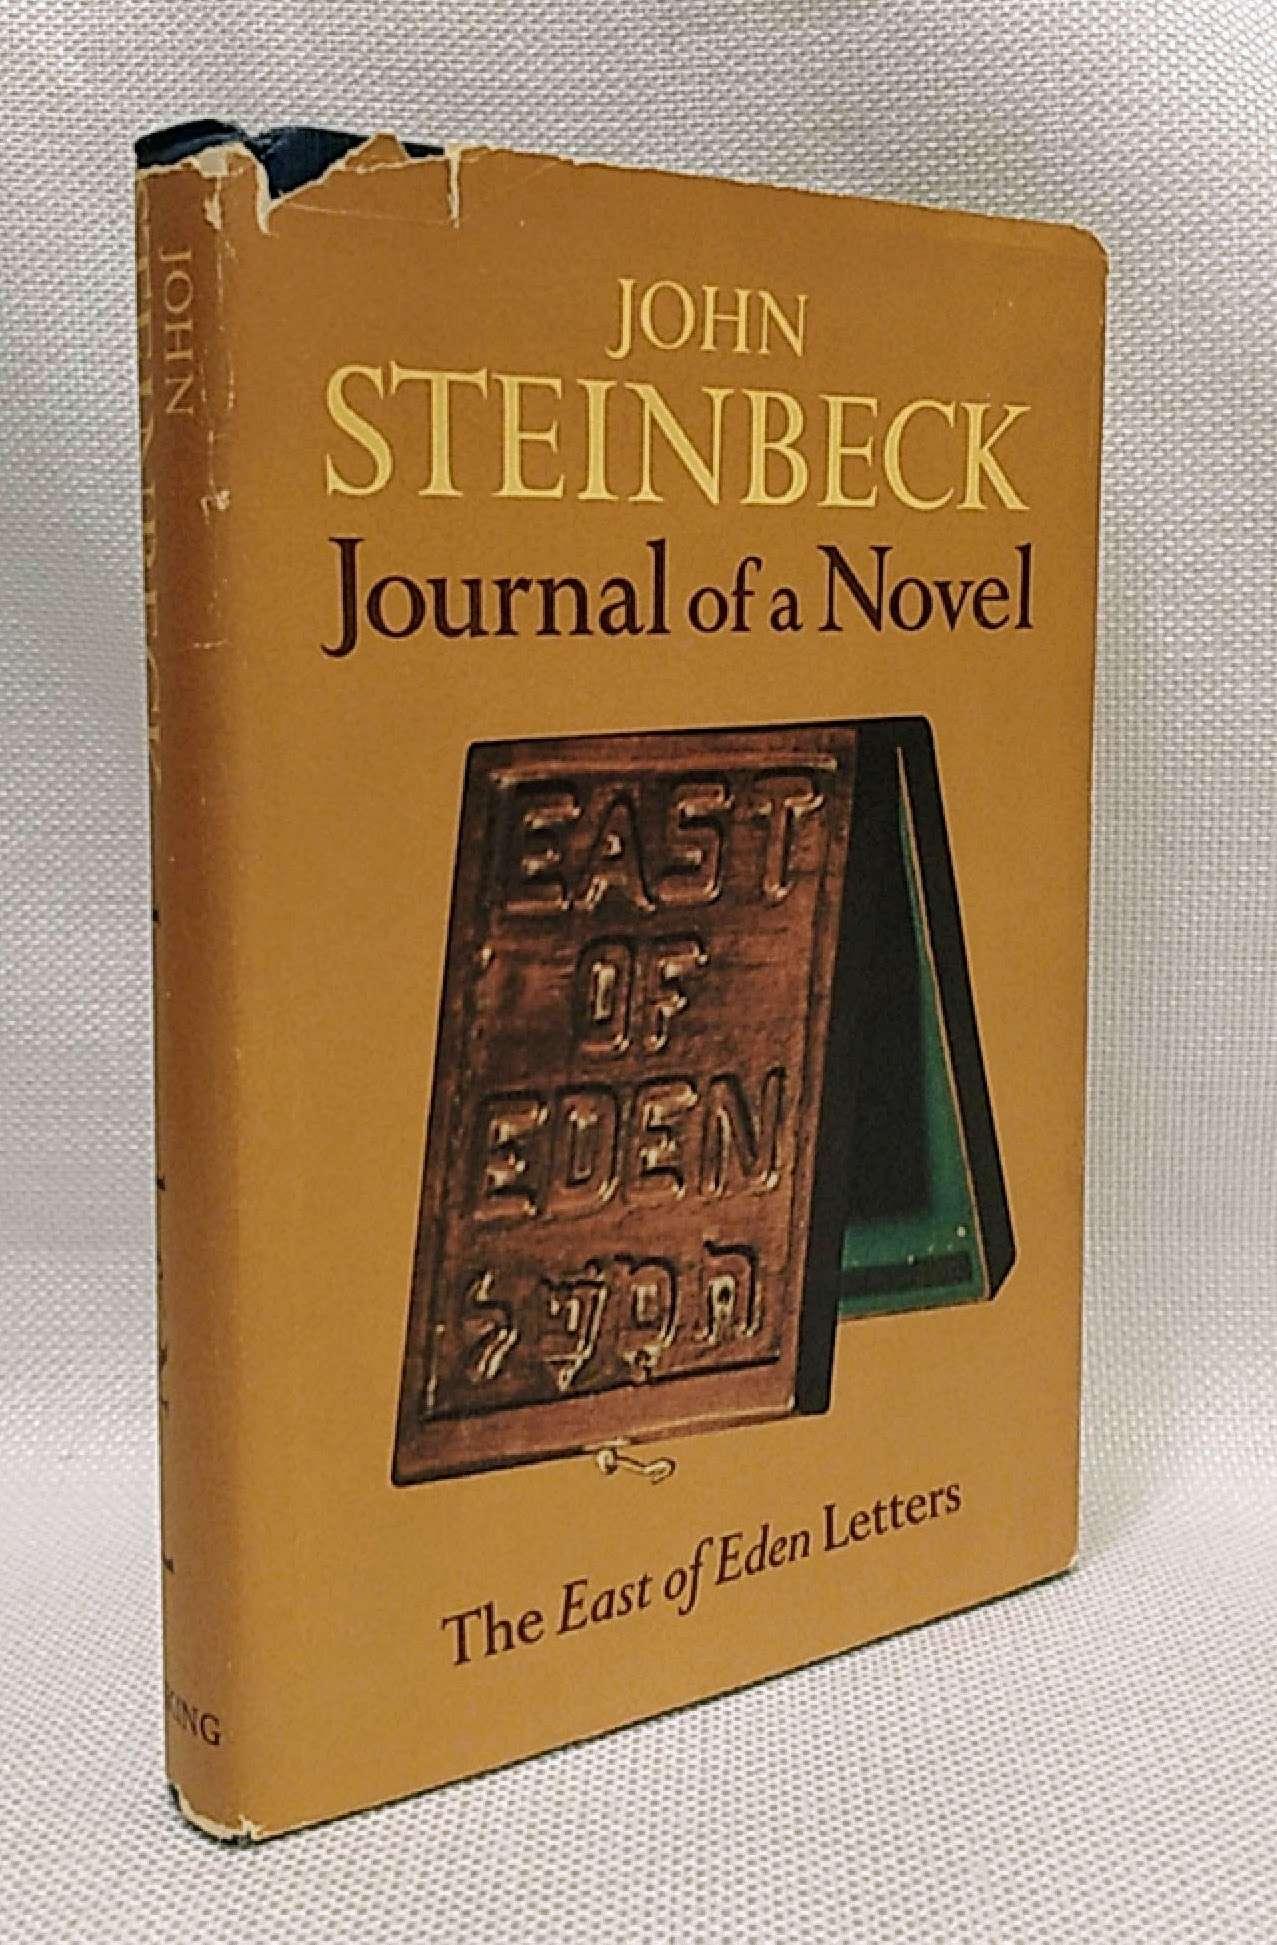 Journal of a Novel: The East of Eden Letters, Steinbeck, John